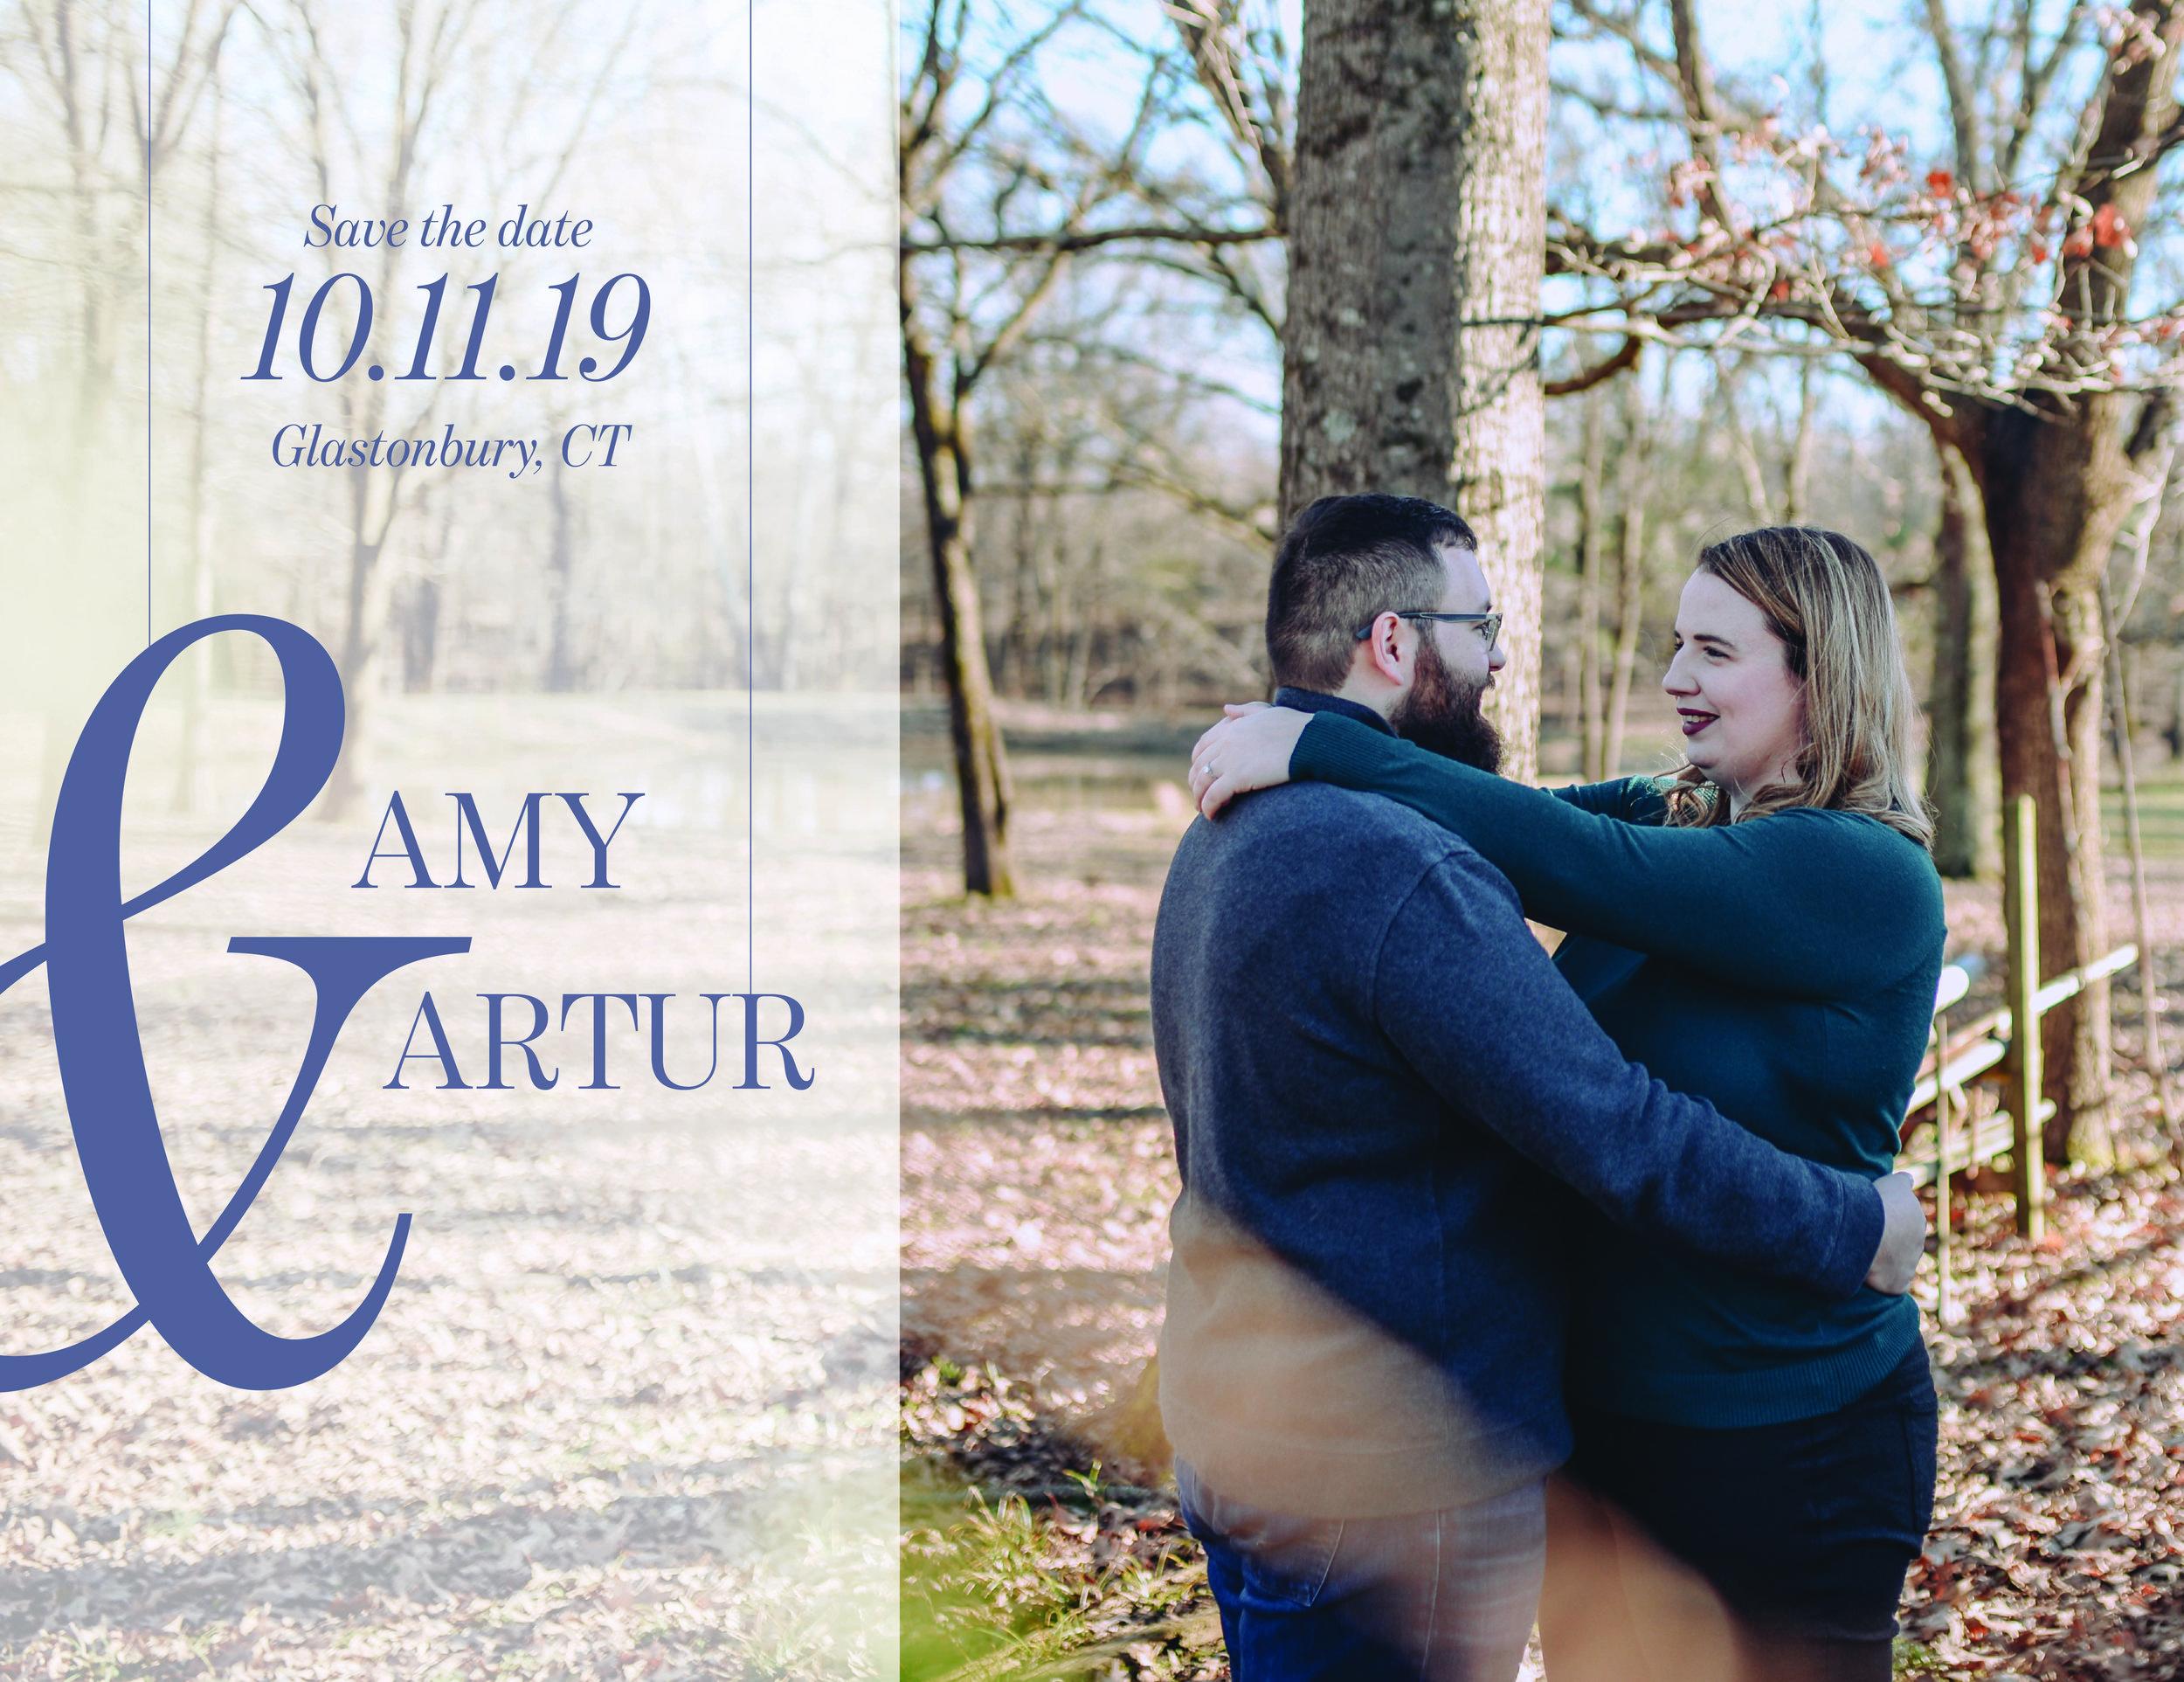 AmyArturSaveTheDate_v3_FNL-portfolio.jpg